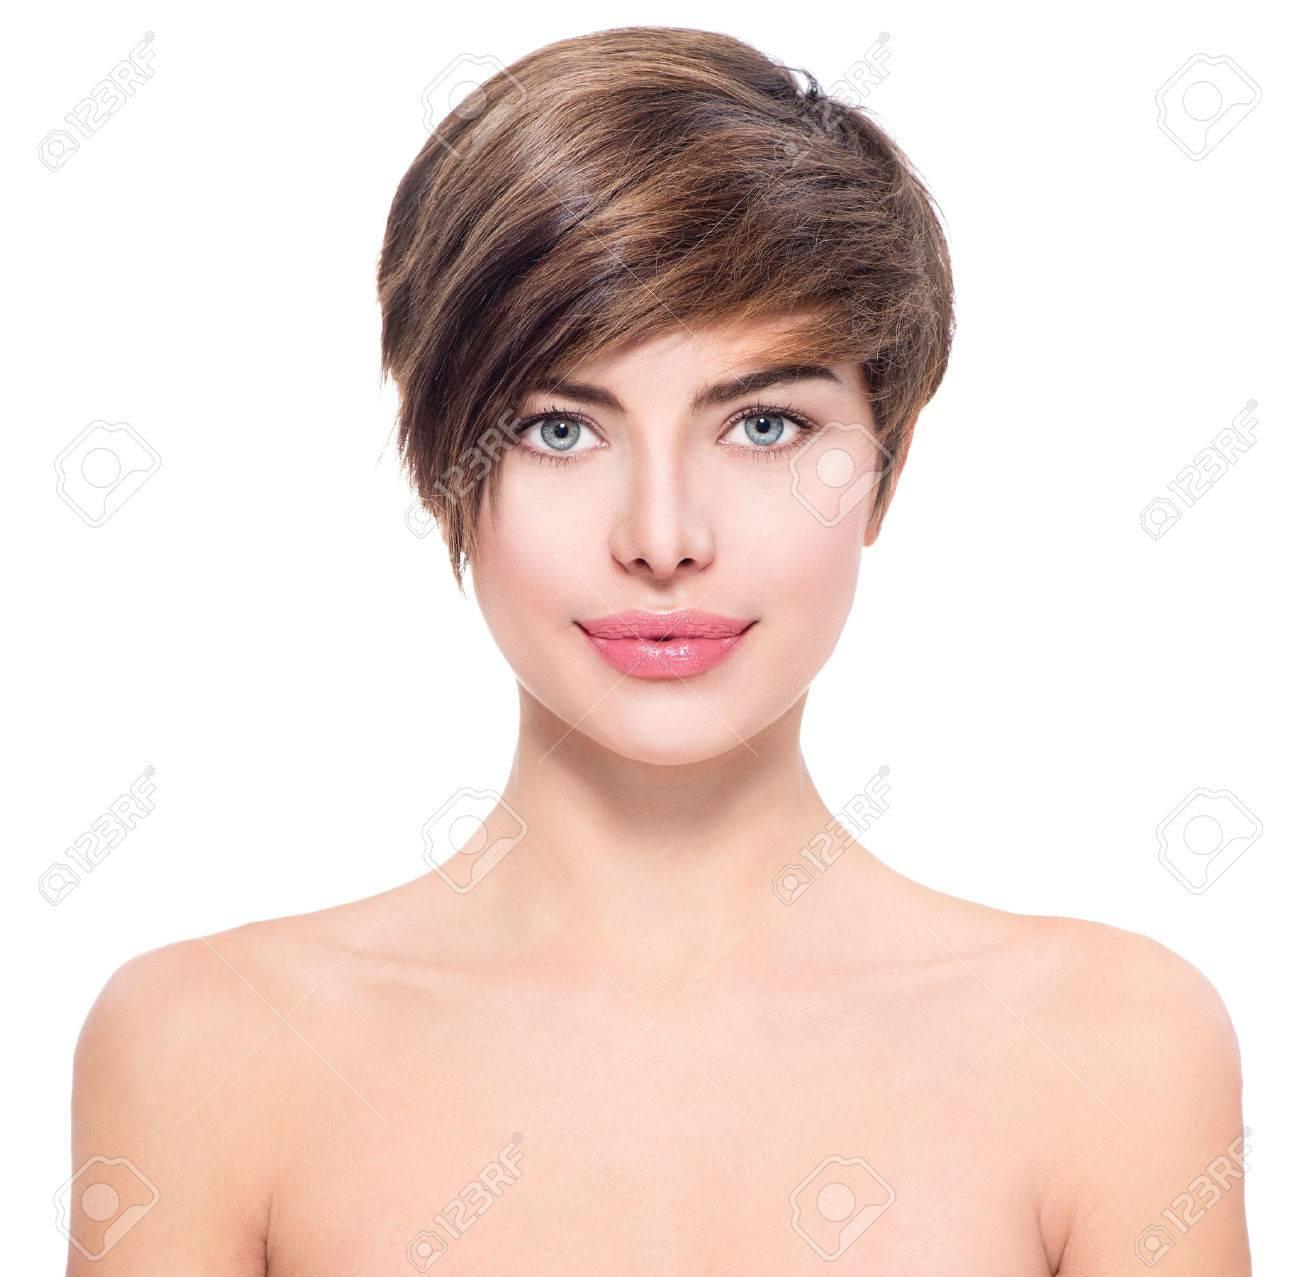 Souvent Femme Cheveux Court Banque D'Images, Vecteurs Et Illustrations  HG95